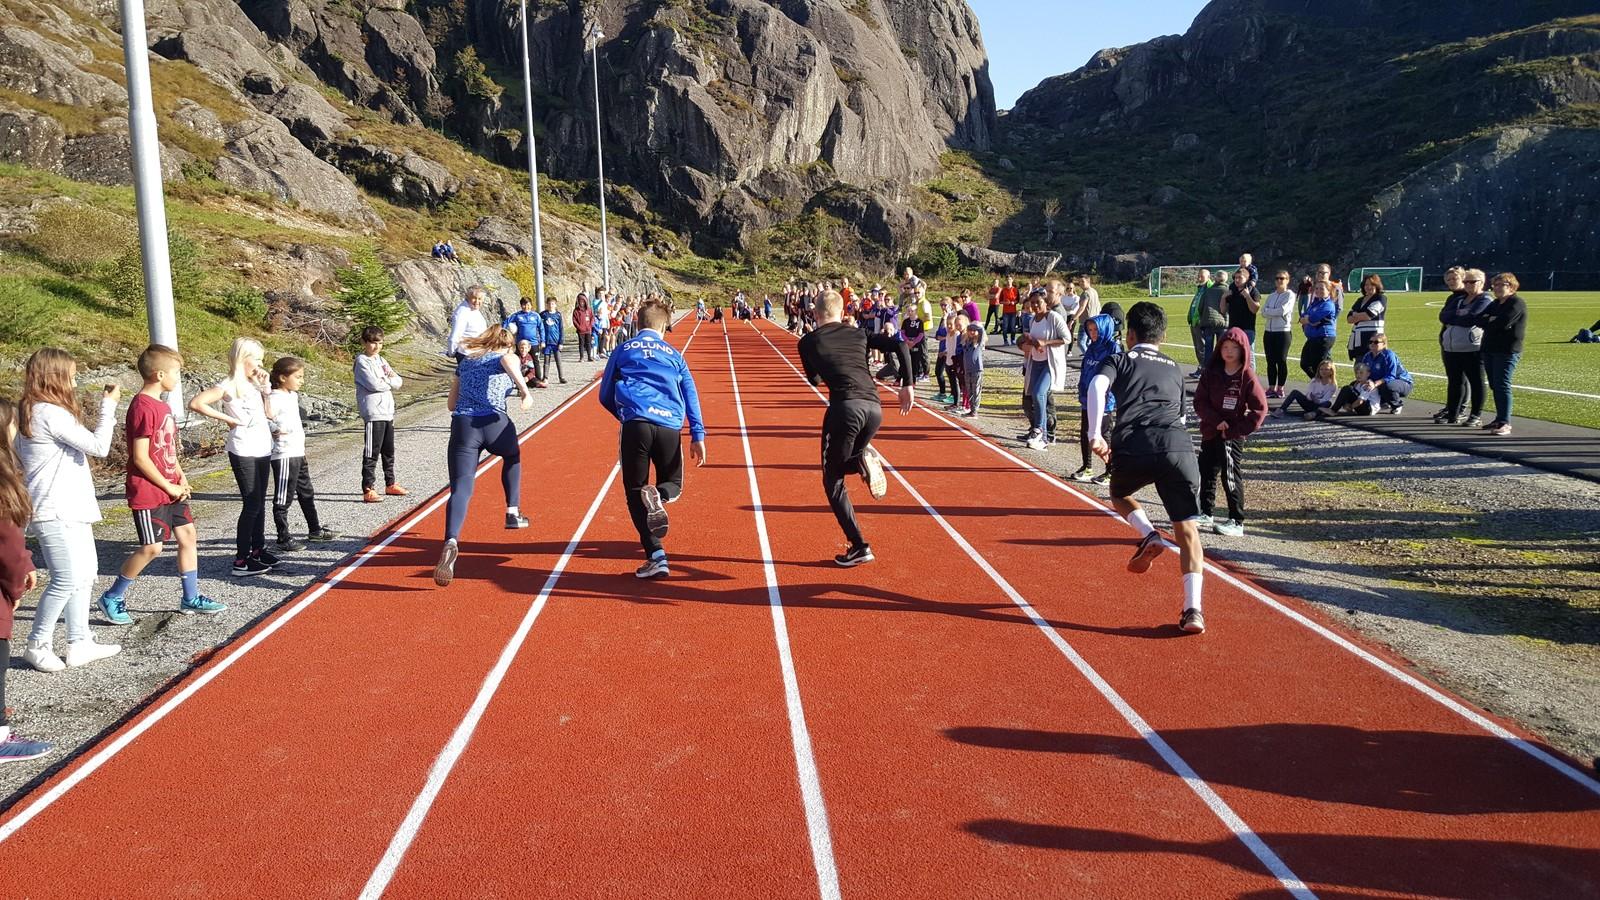 EIN TREDEL: Kring 270 personar møtte opp for å få med seg opninga av idrettsparken på Hardbakke. I heile Solund kommune bur det kring 800 innbyggjarar.